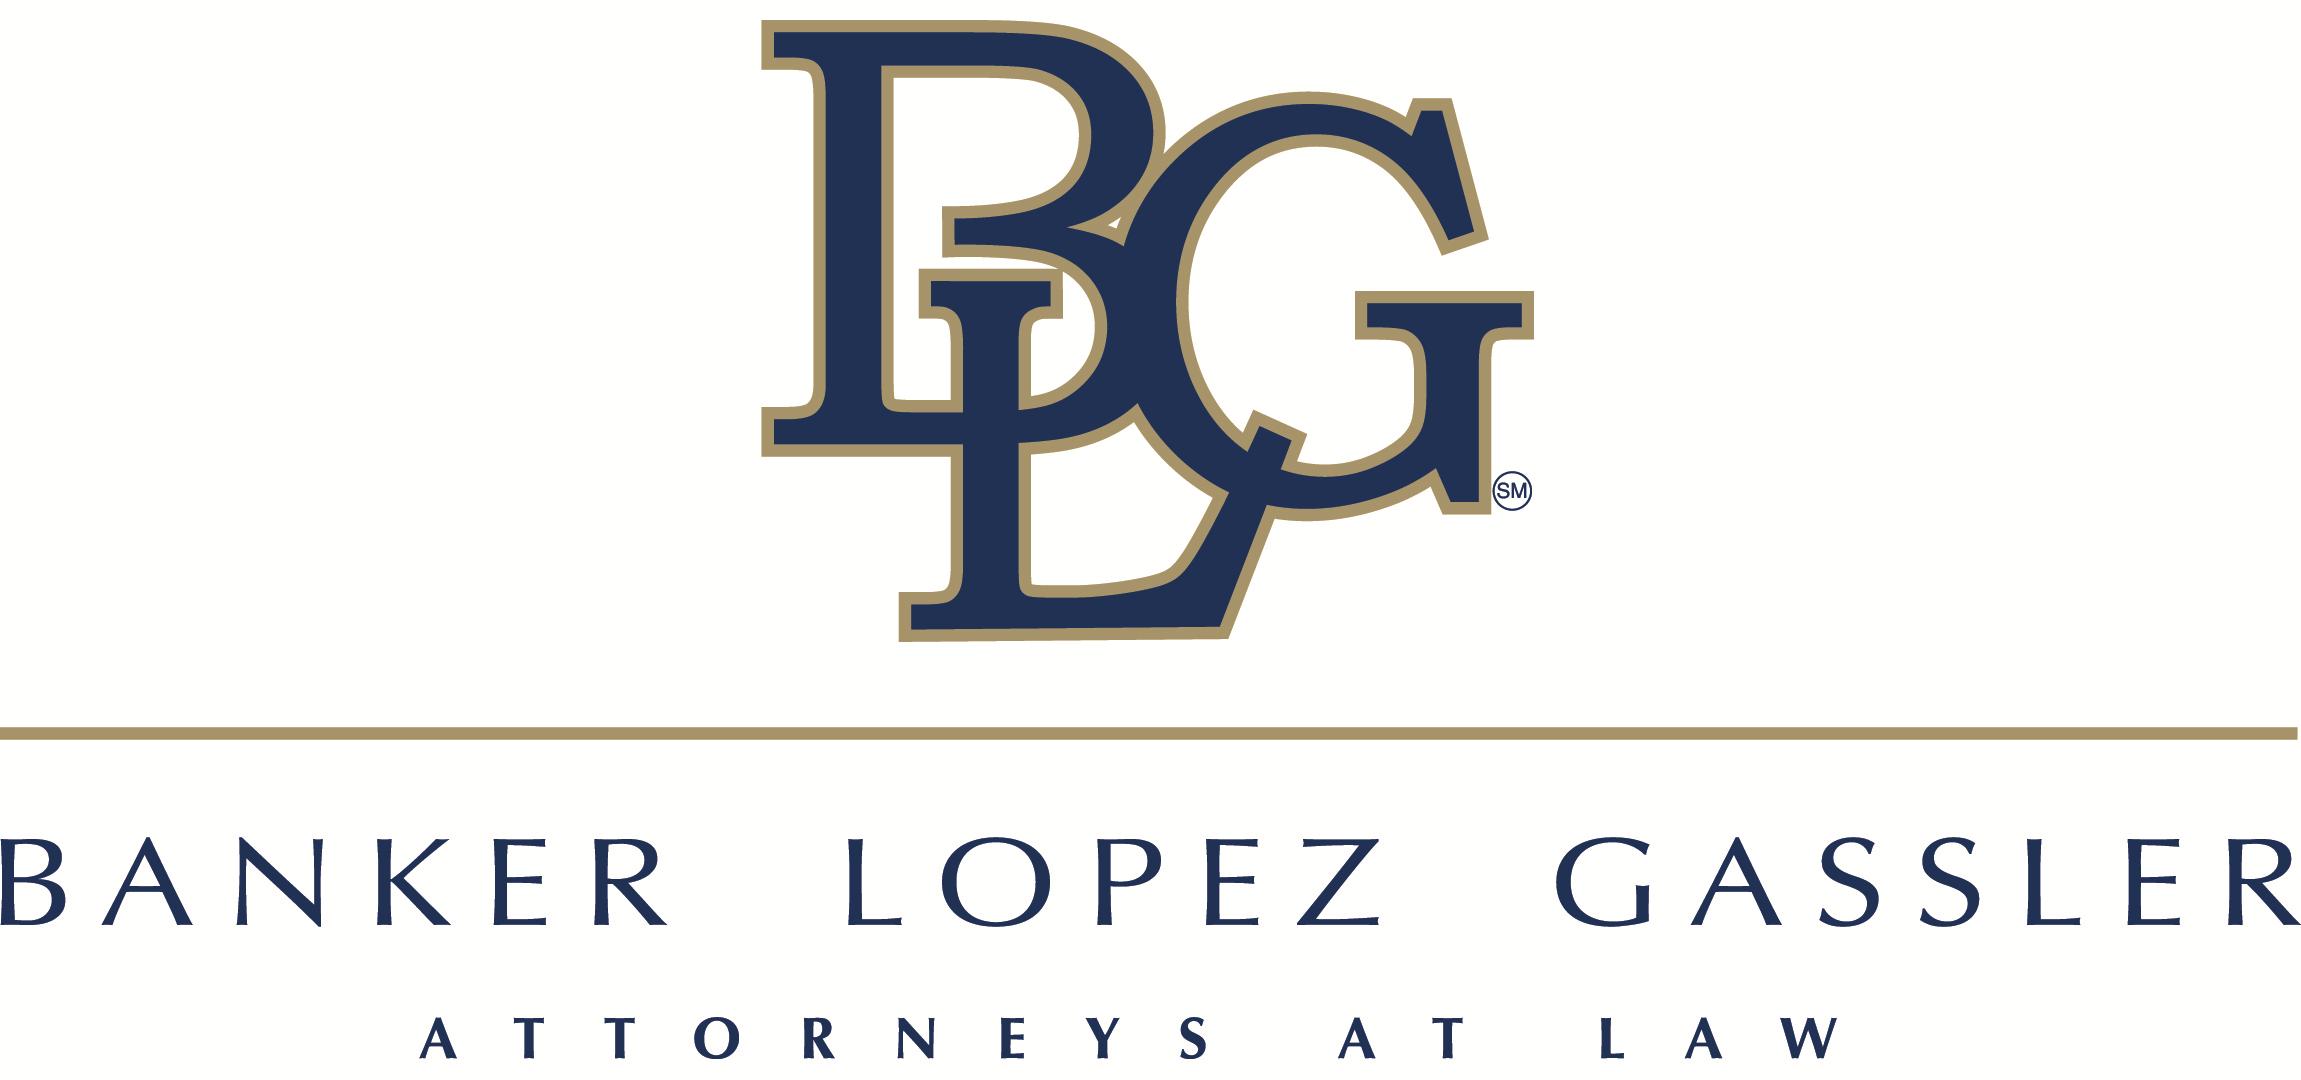 Banker Lopez Gassler P.A. logo